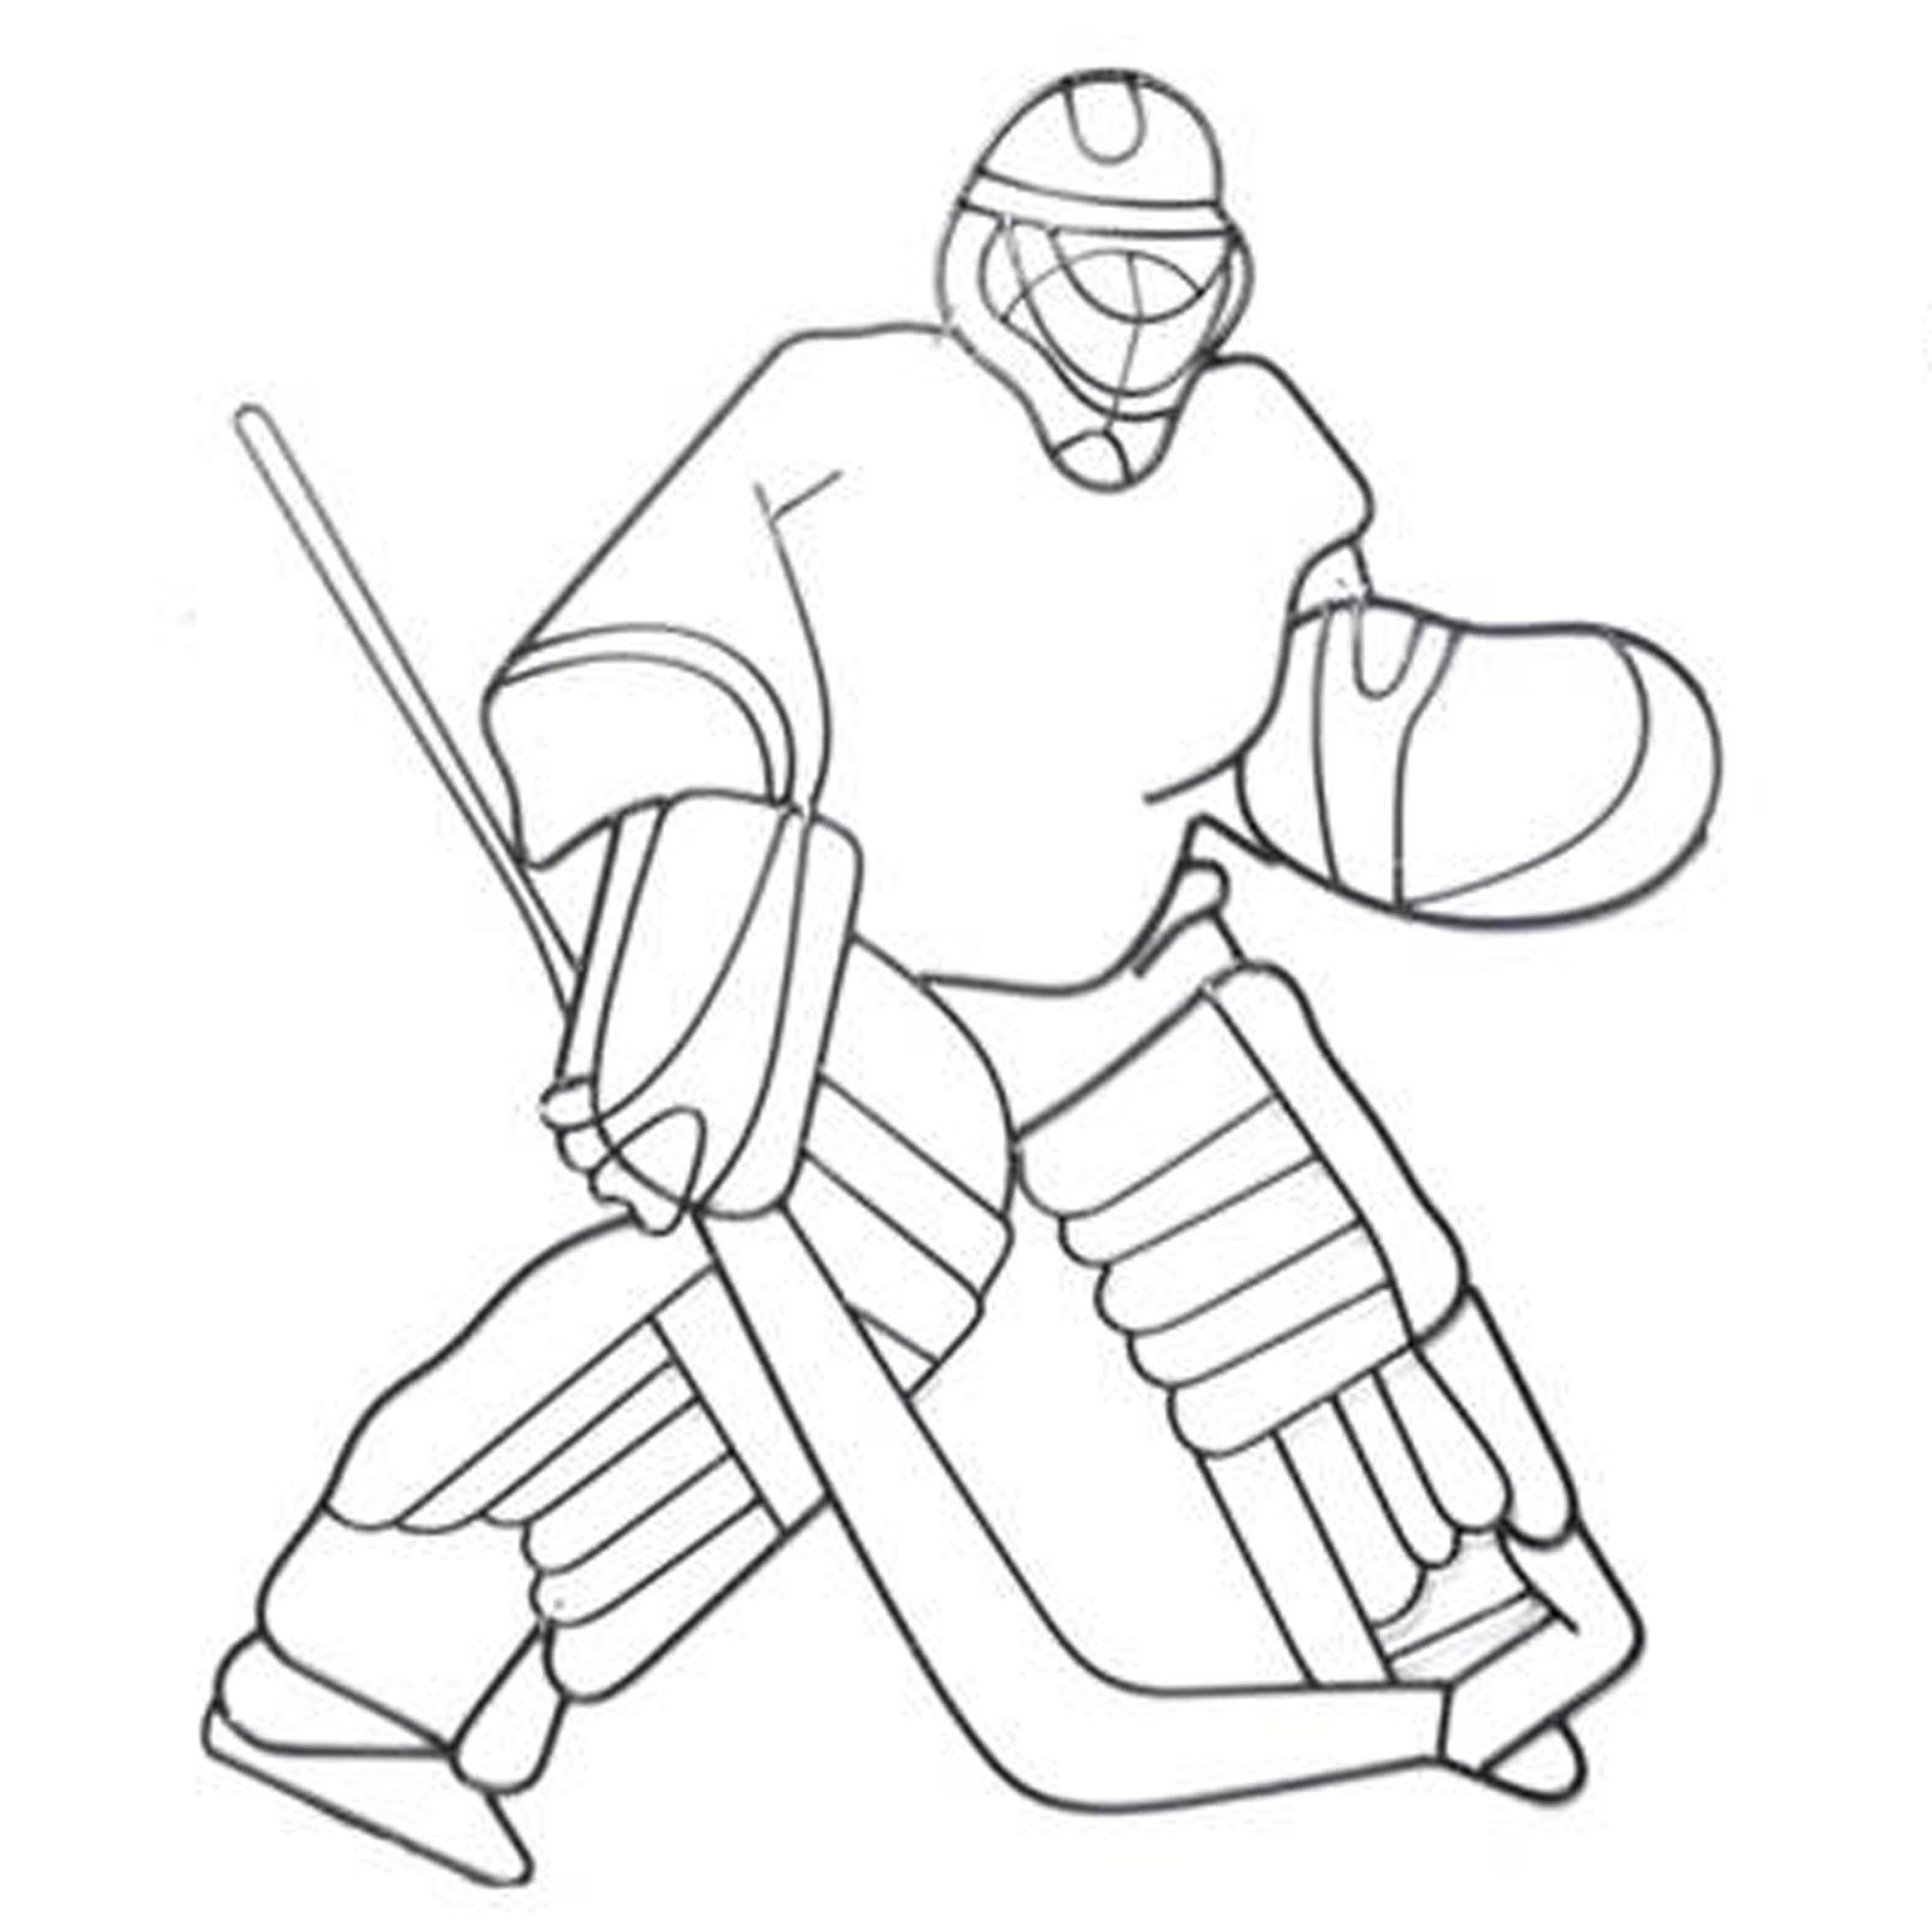 Hosley Ice Hockey Metal Wall Décor 29.25'' High. Ideal Gift for The Ice Hockey/Sports Enthusiast, Teacher, Dorm, Den, Home, Weddings, Party, Spa, Meditation, Home Office O9